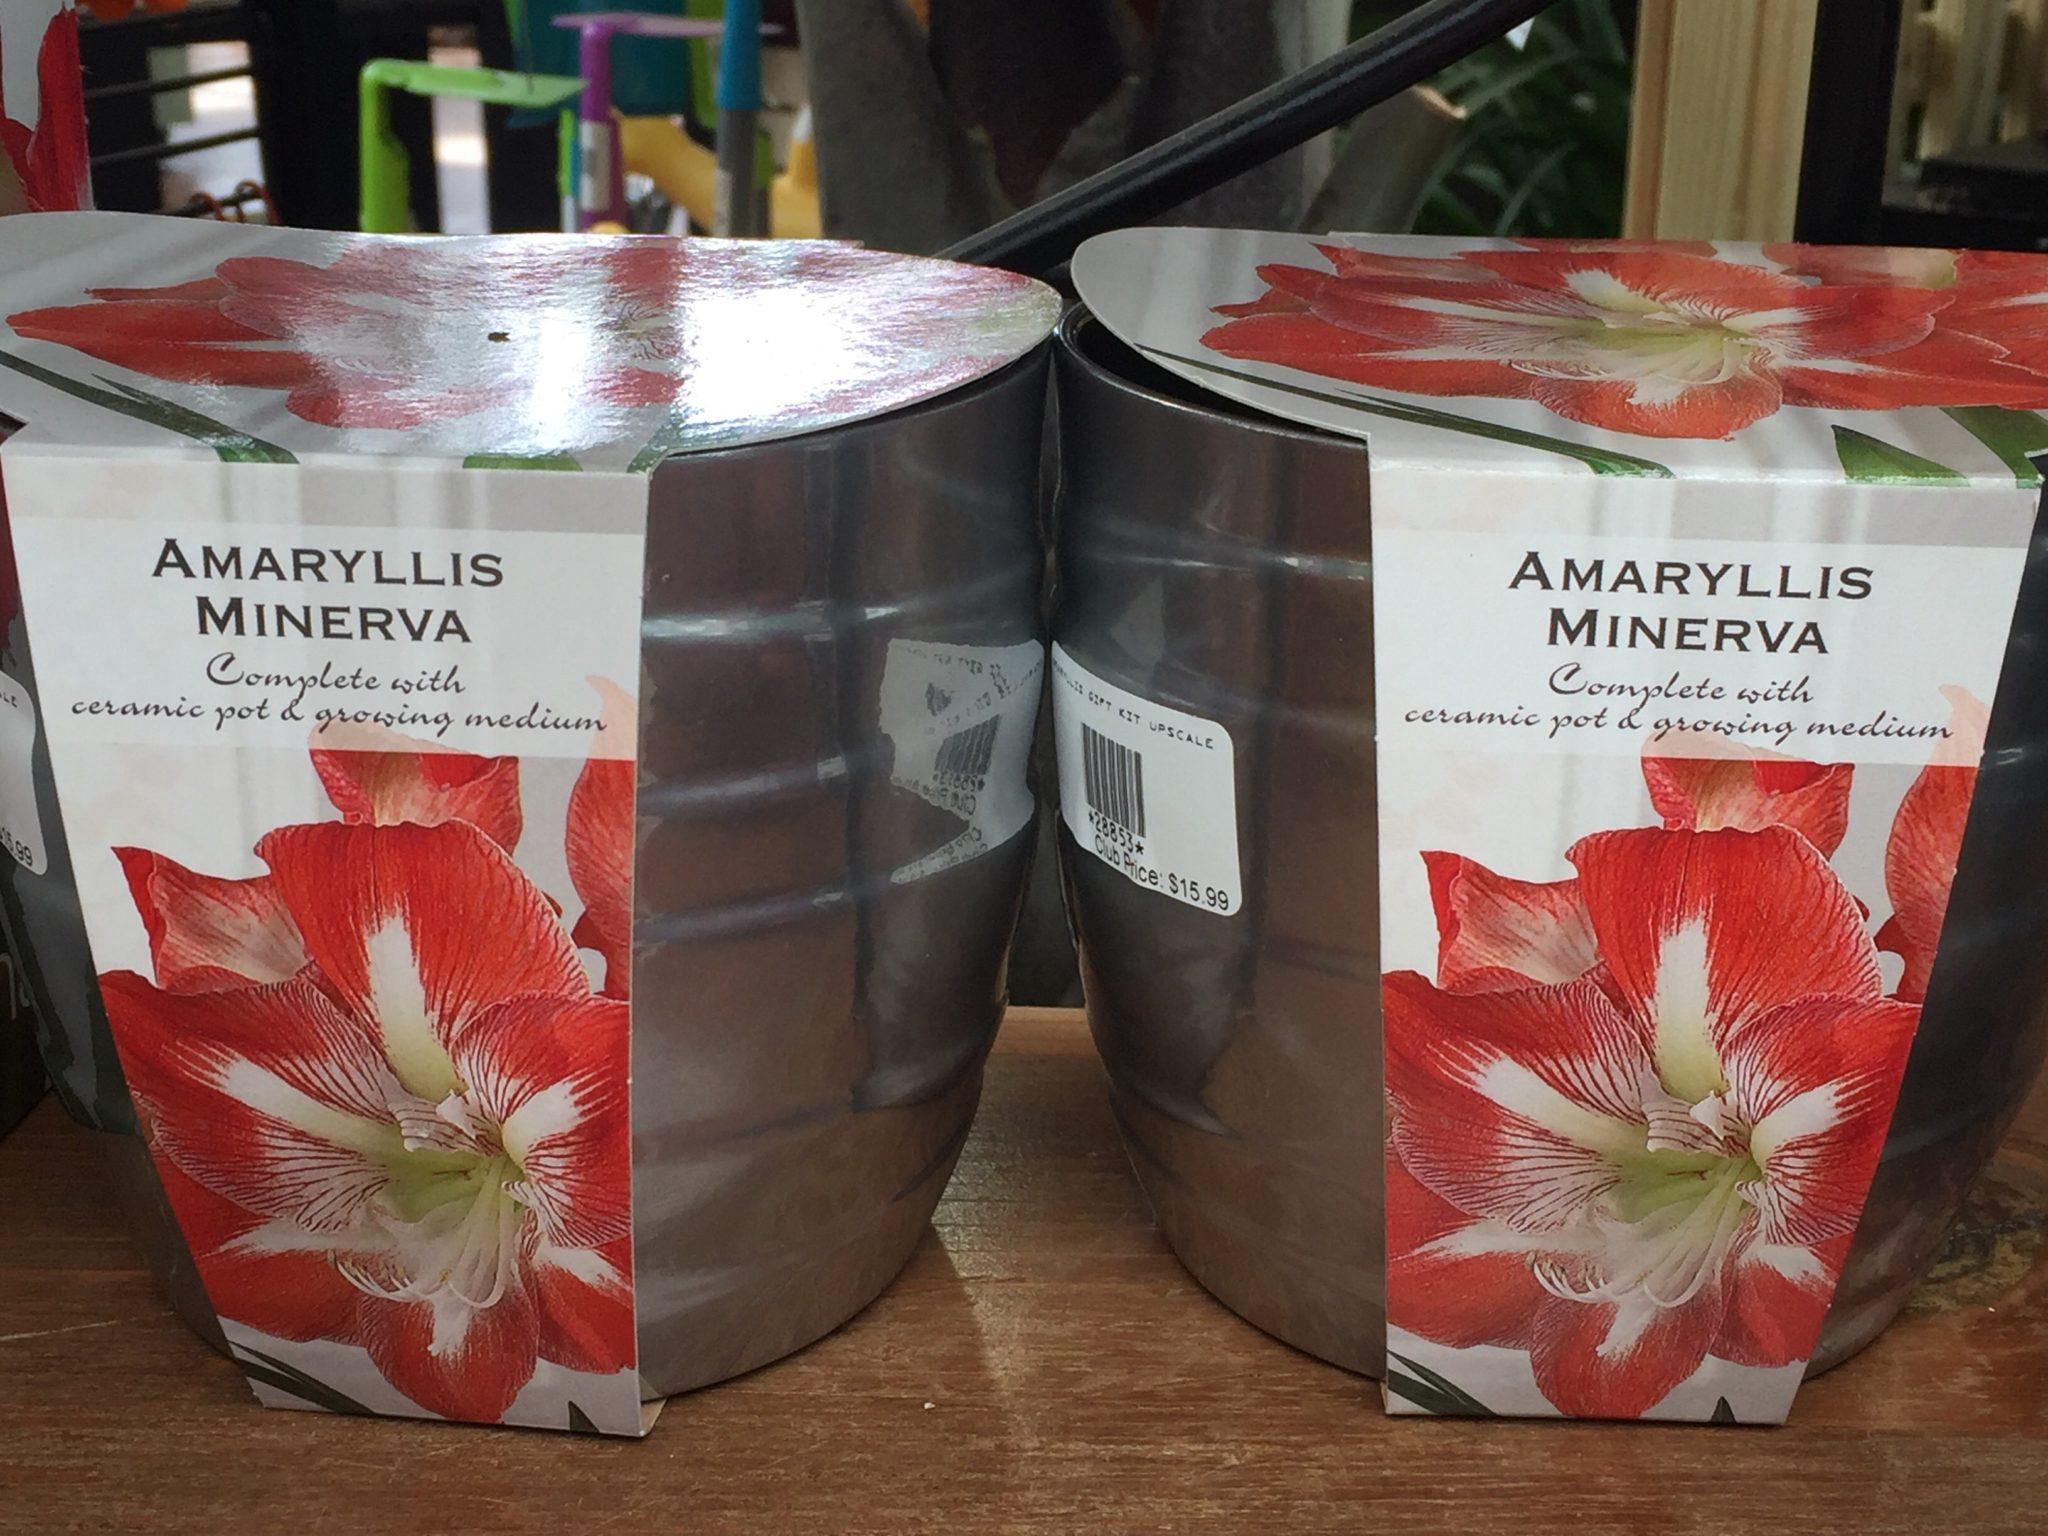 amaryllis - holiday flowers - Patuxent Nursery